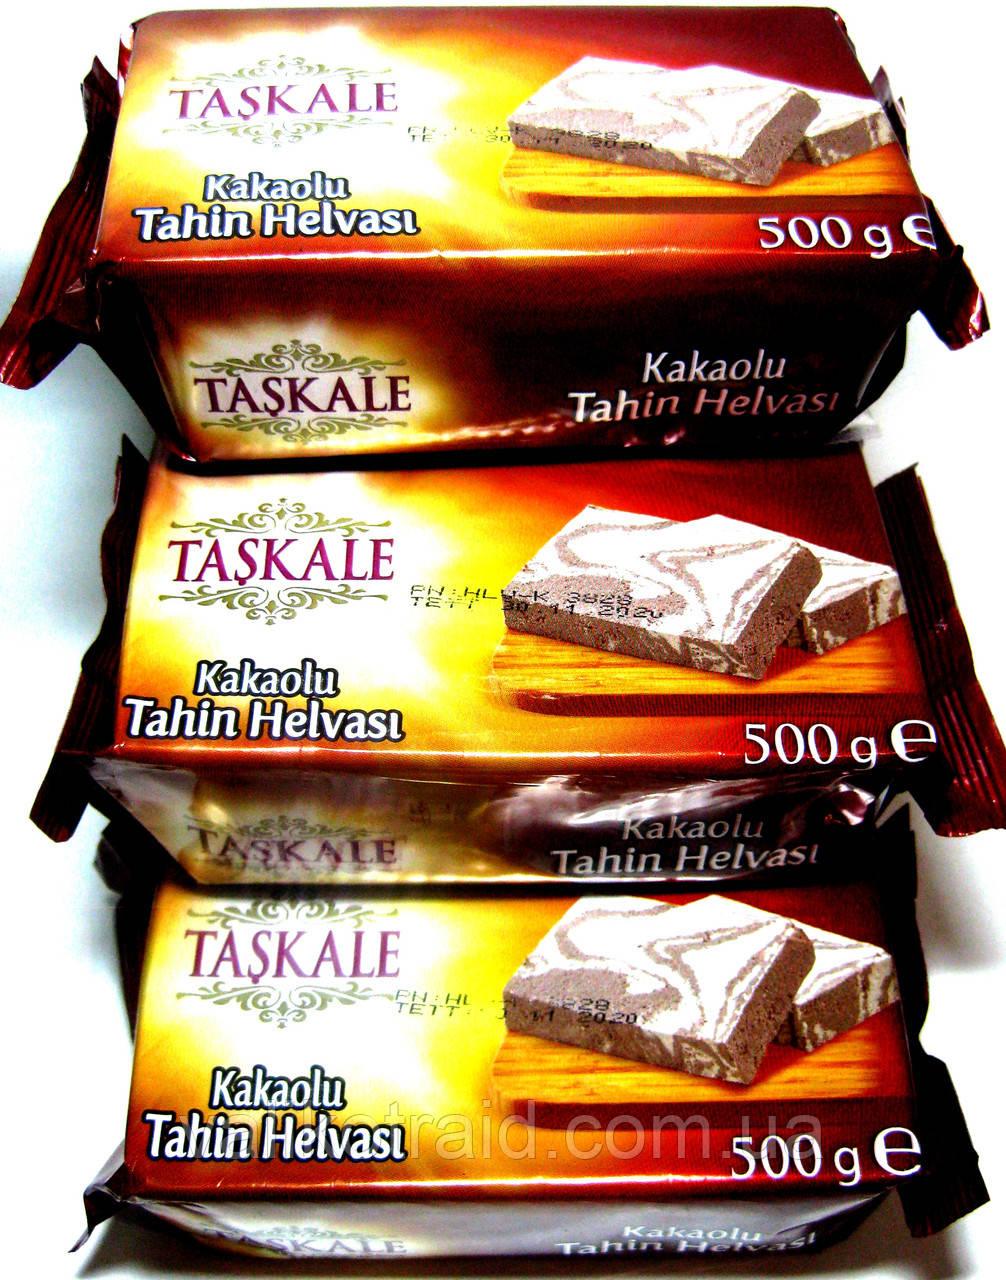 ХАЛВА ваниль-какао КУНЖУТНАЯ   , Турция,  500 гр ,годен до 20.11.2020 ,турецкие сладости